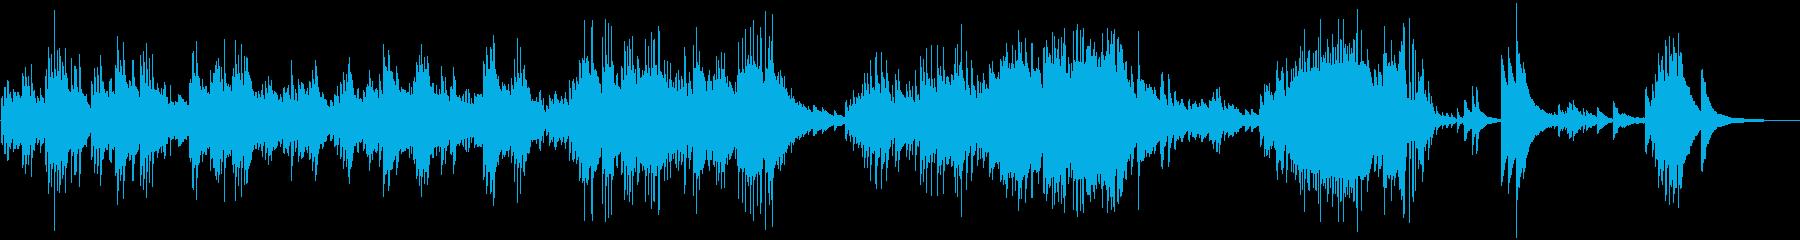 切なく感動的なピアノバラードの再生済みの波形